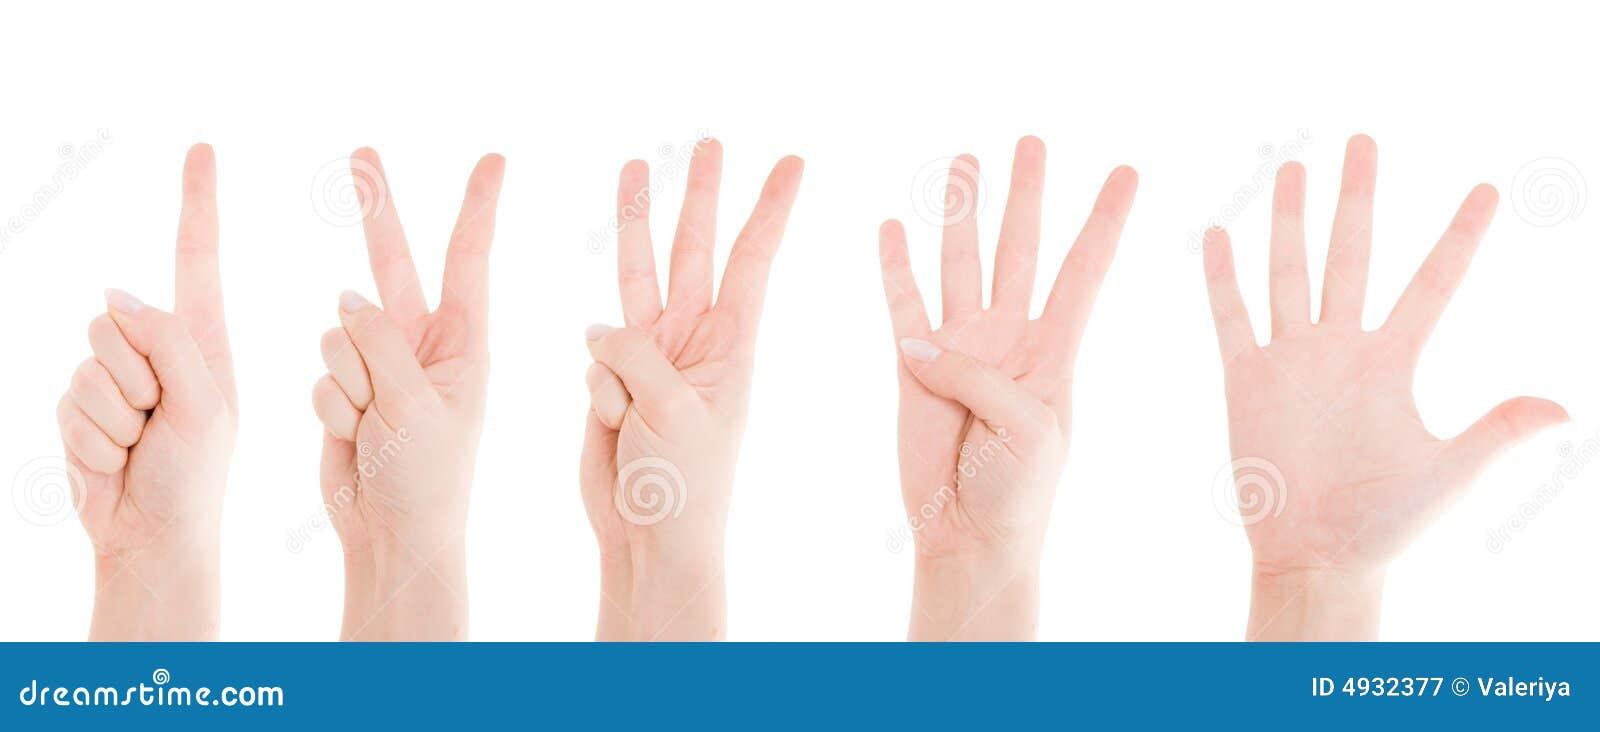 Contando as mãos de uma a cinco